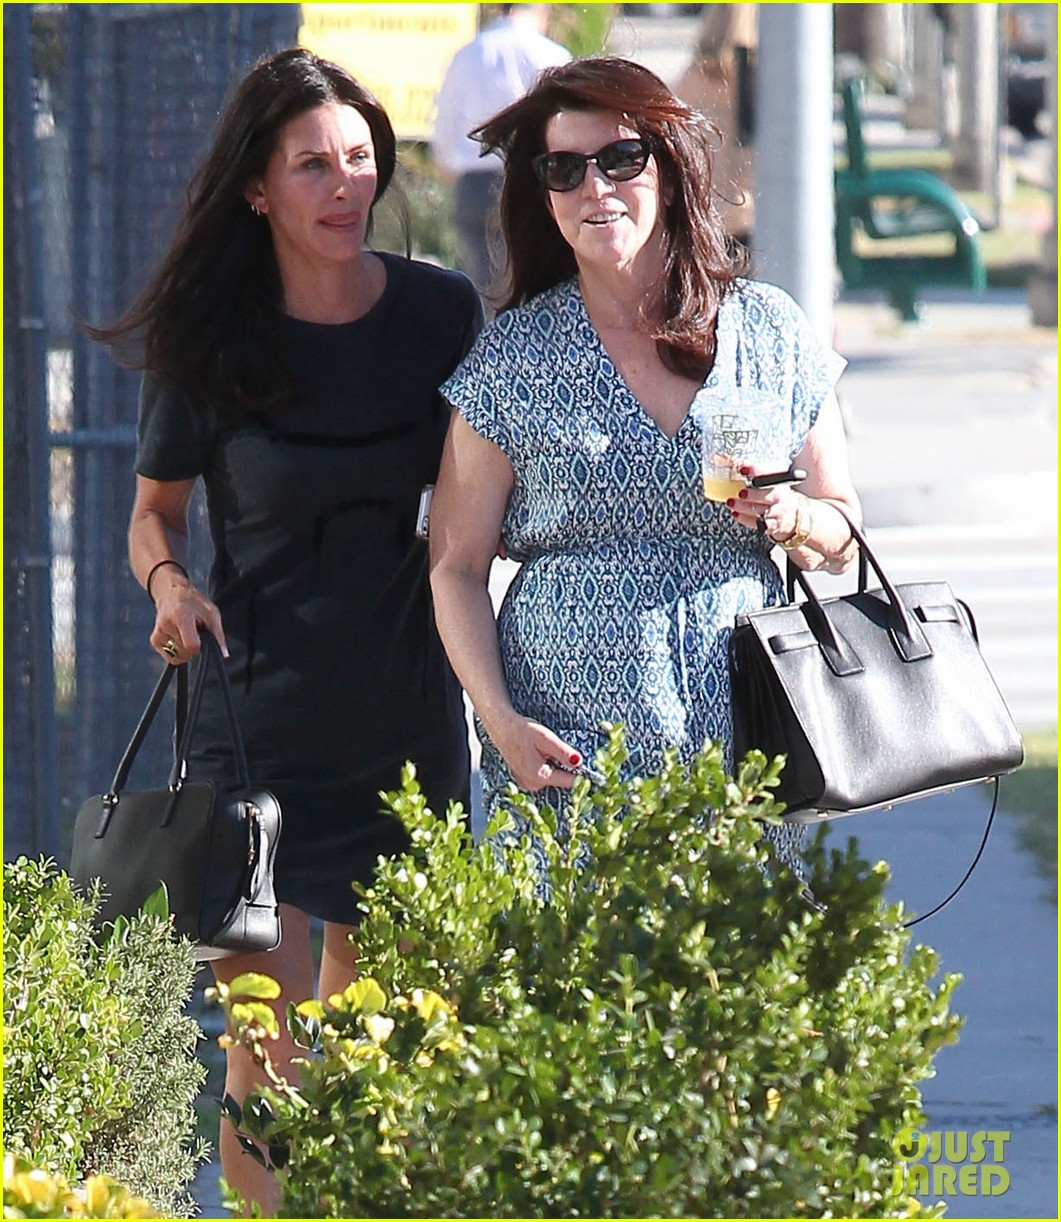 courteney cox steps out after friends ladies reunite 06